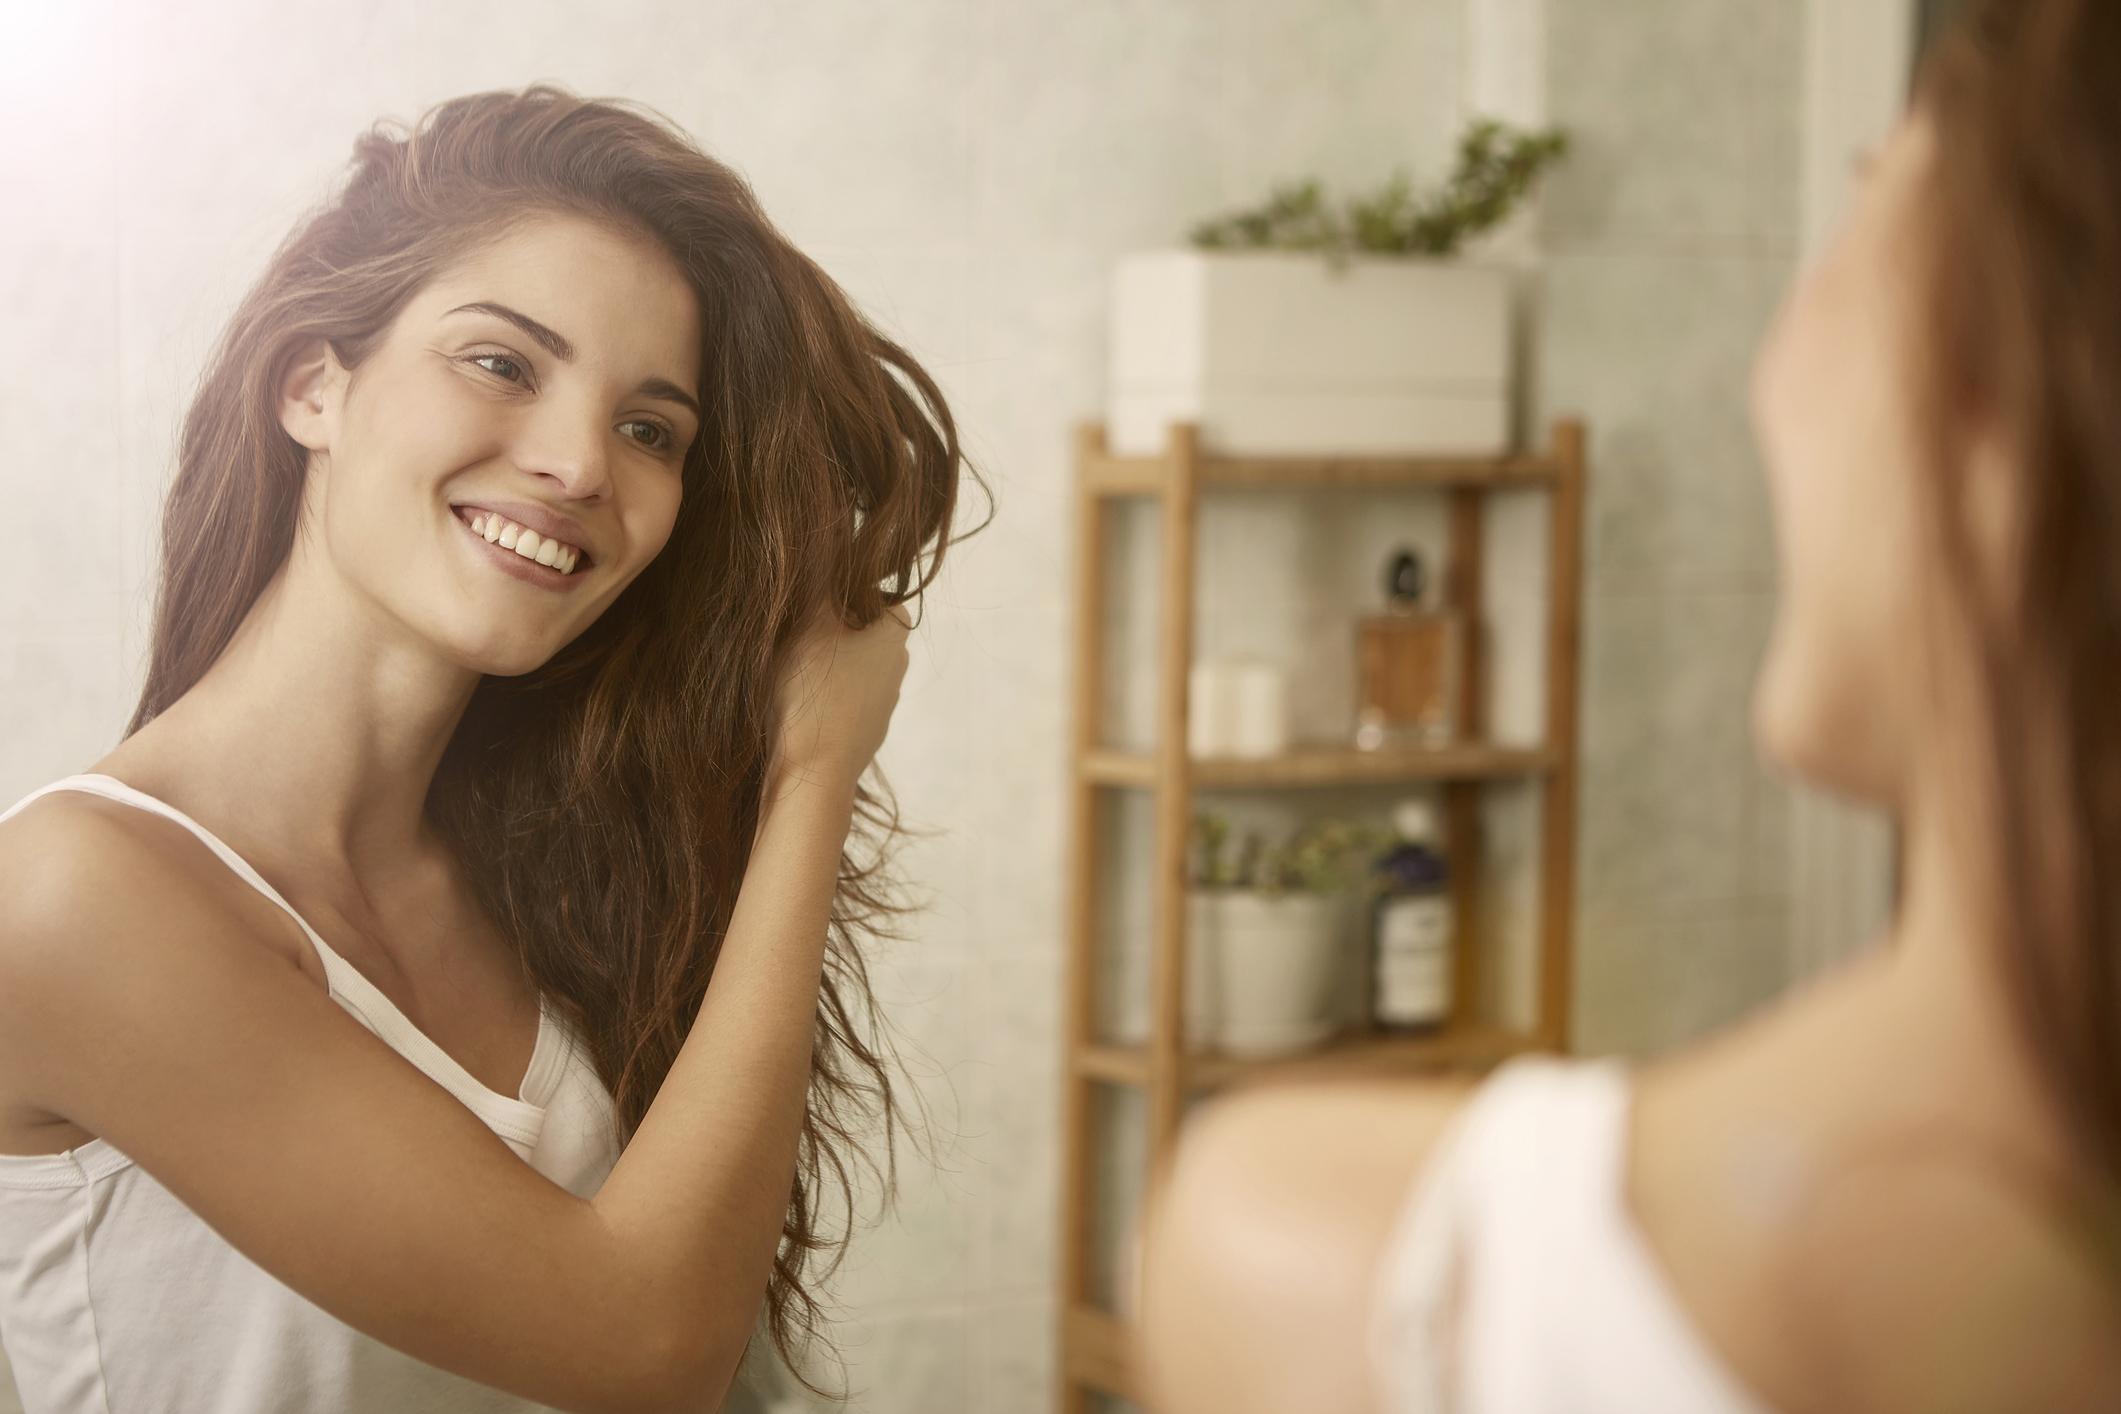 Cuidar da saúde dos cabelos é muito importante para ter uma aparência bonita. Veja dicas para ter cabelos mais saudáveis.